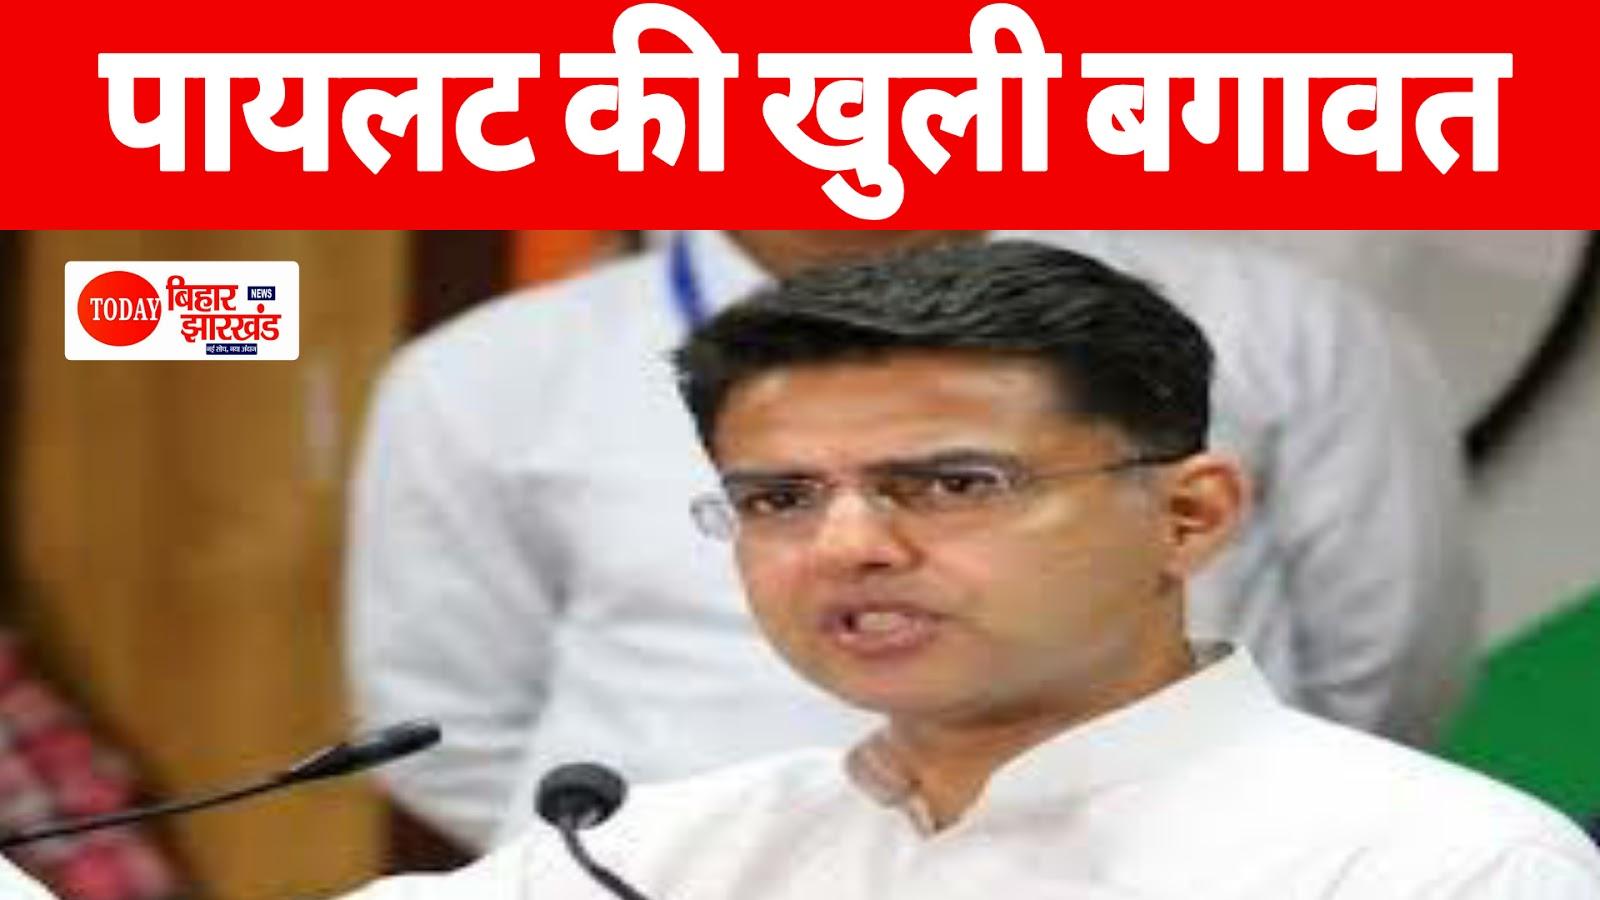 सचिन पायलट की खुली बगावत, कहा- राजस्थान में गहलोत सरकार अल्पमत में, मुझे 30 से अधिक विधायकों का समर्थन